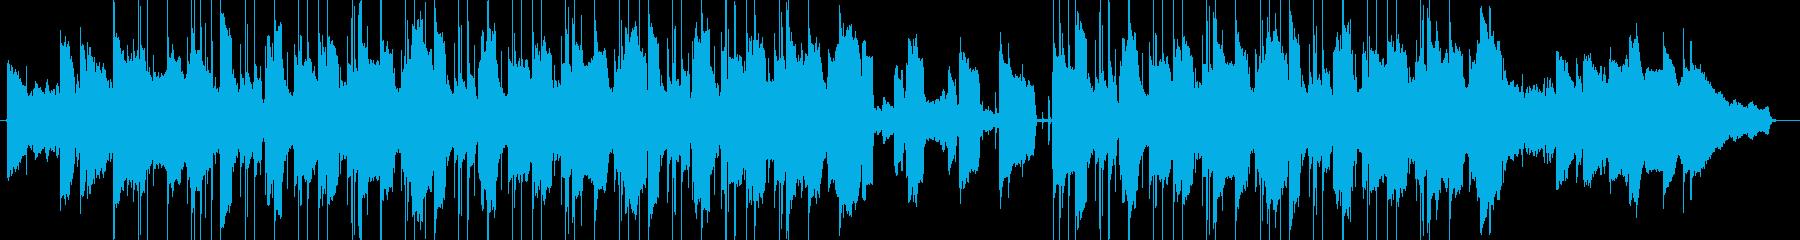 lofi風しっとりとしたピアノBGM2の再生済みの波形